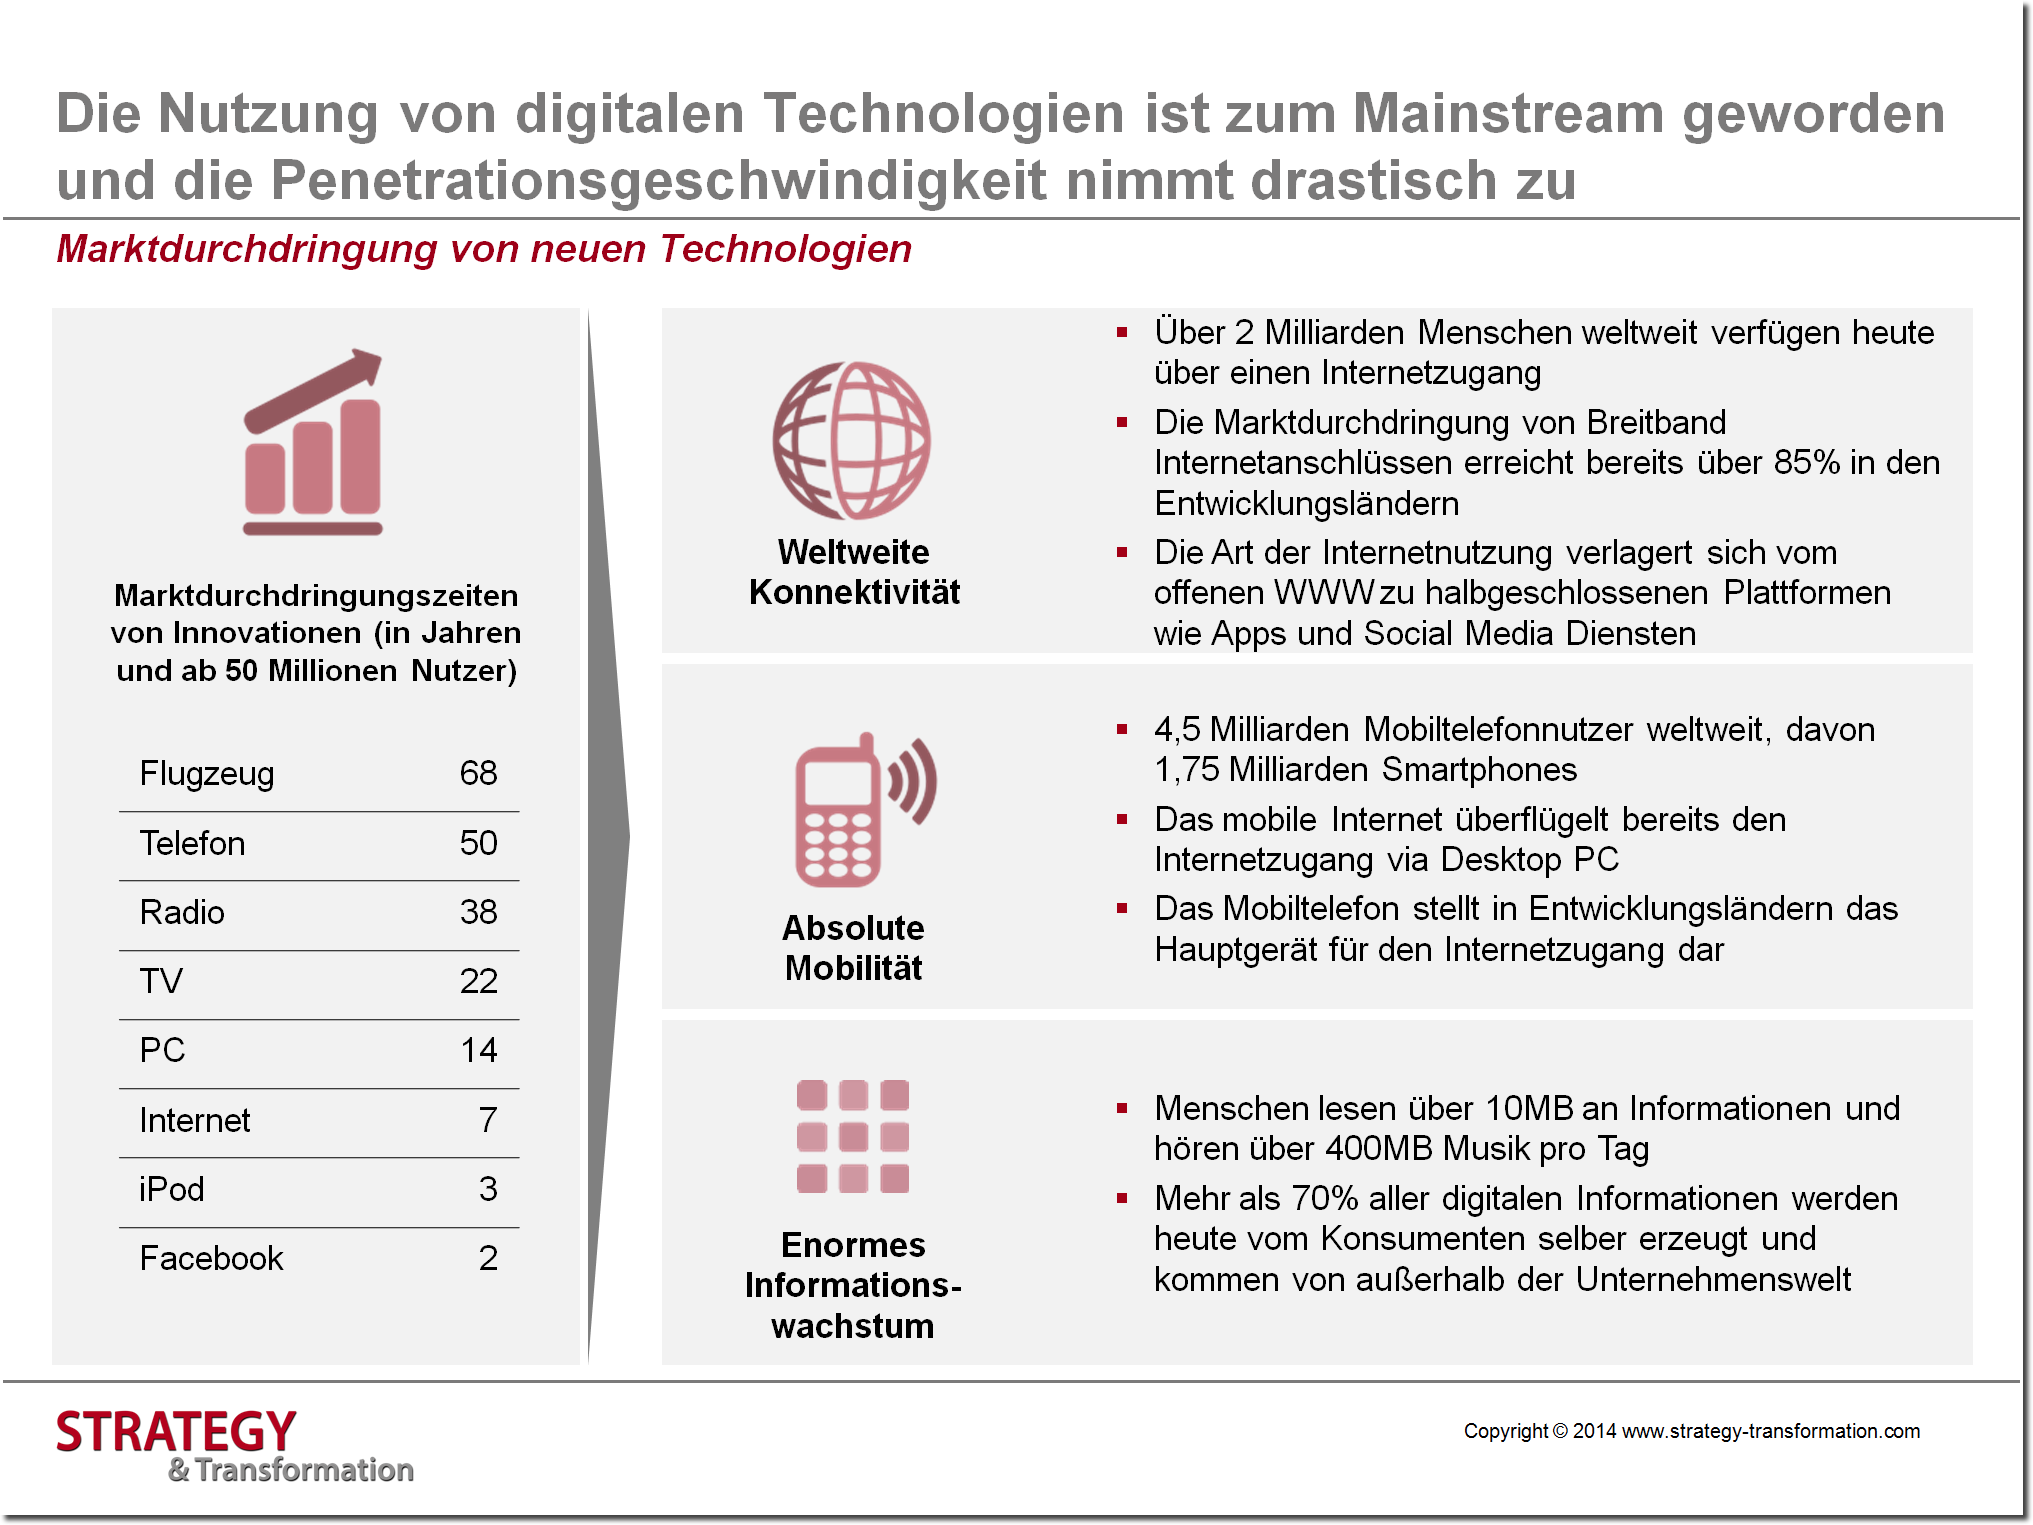 Social Media verstehen_Marktdurchdringung von neuen Technologien